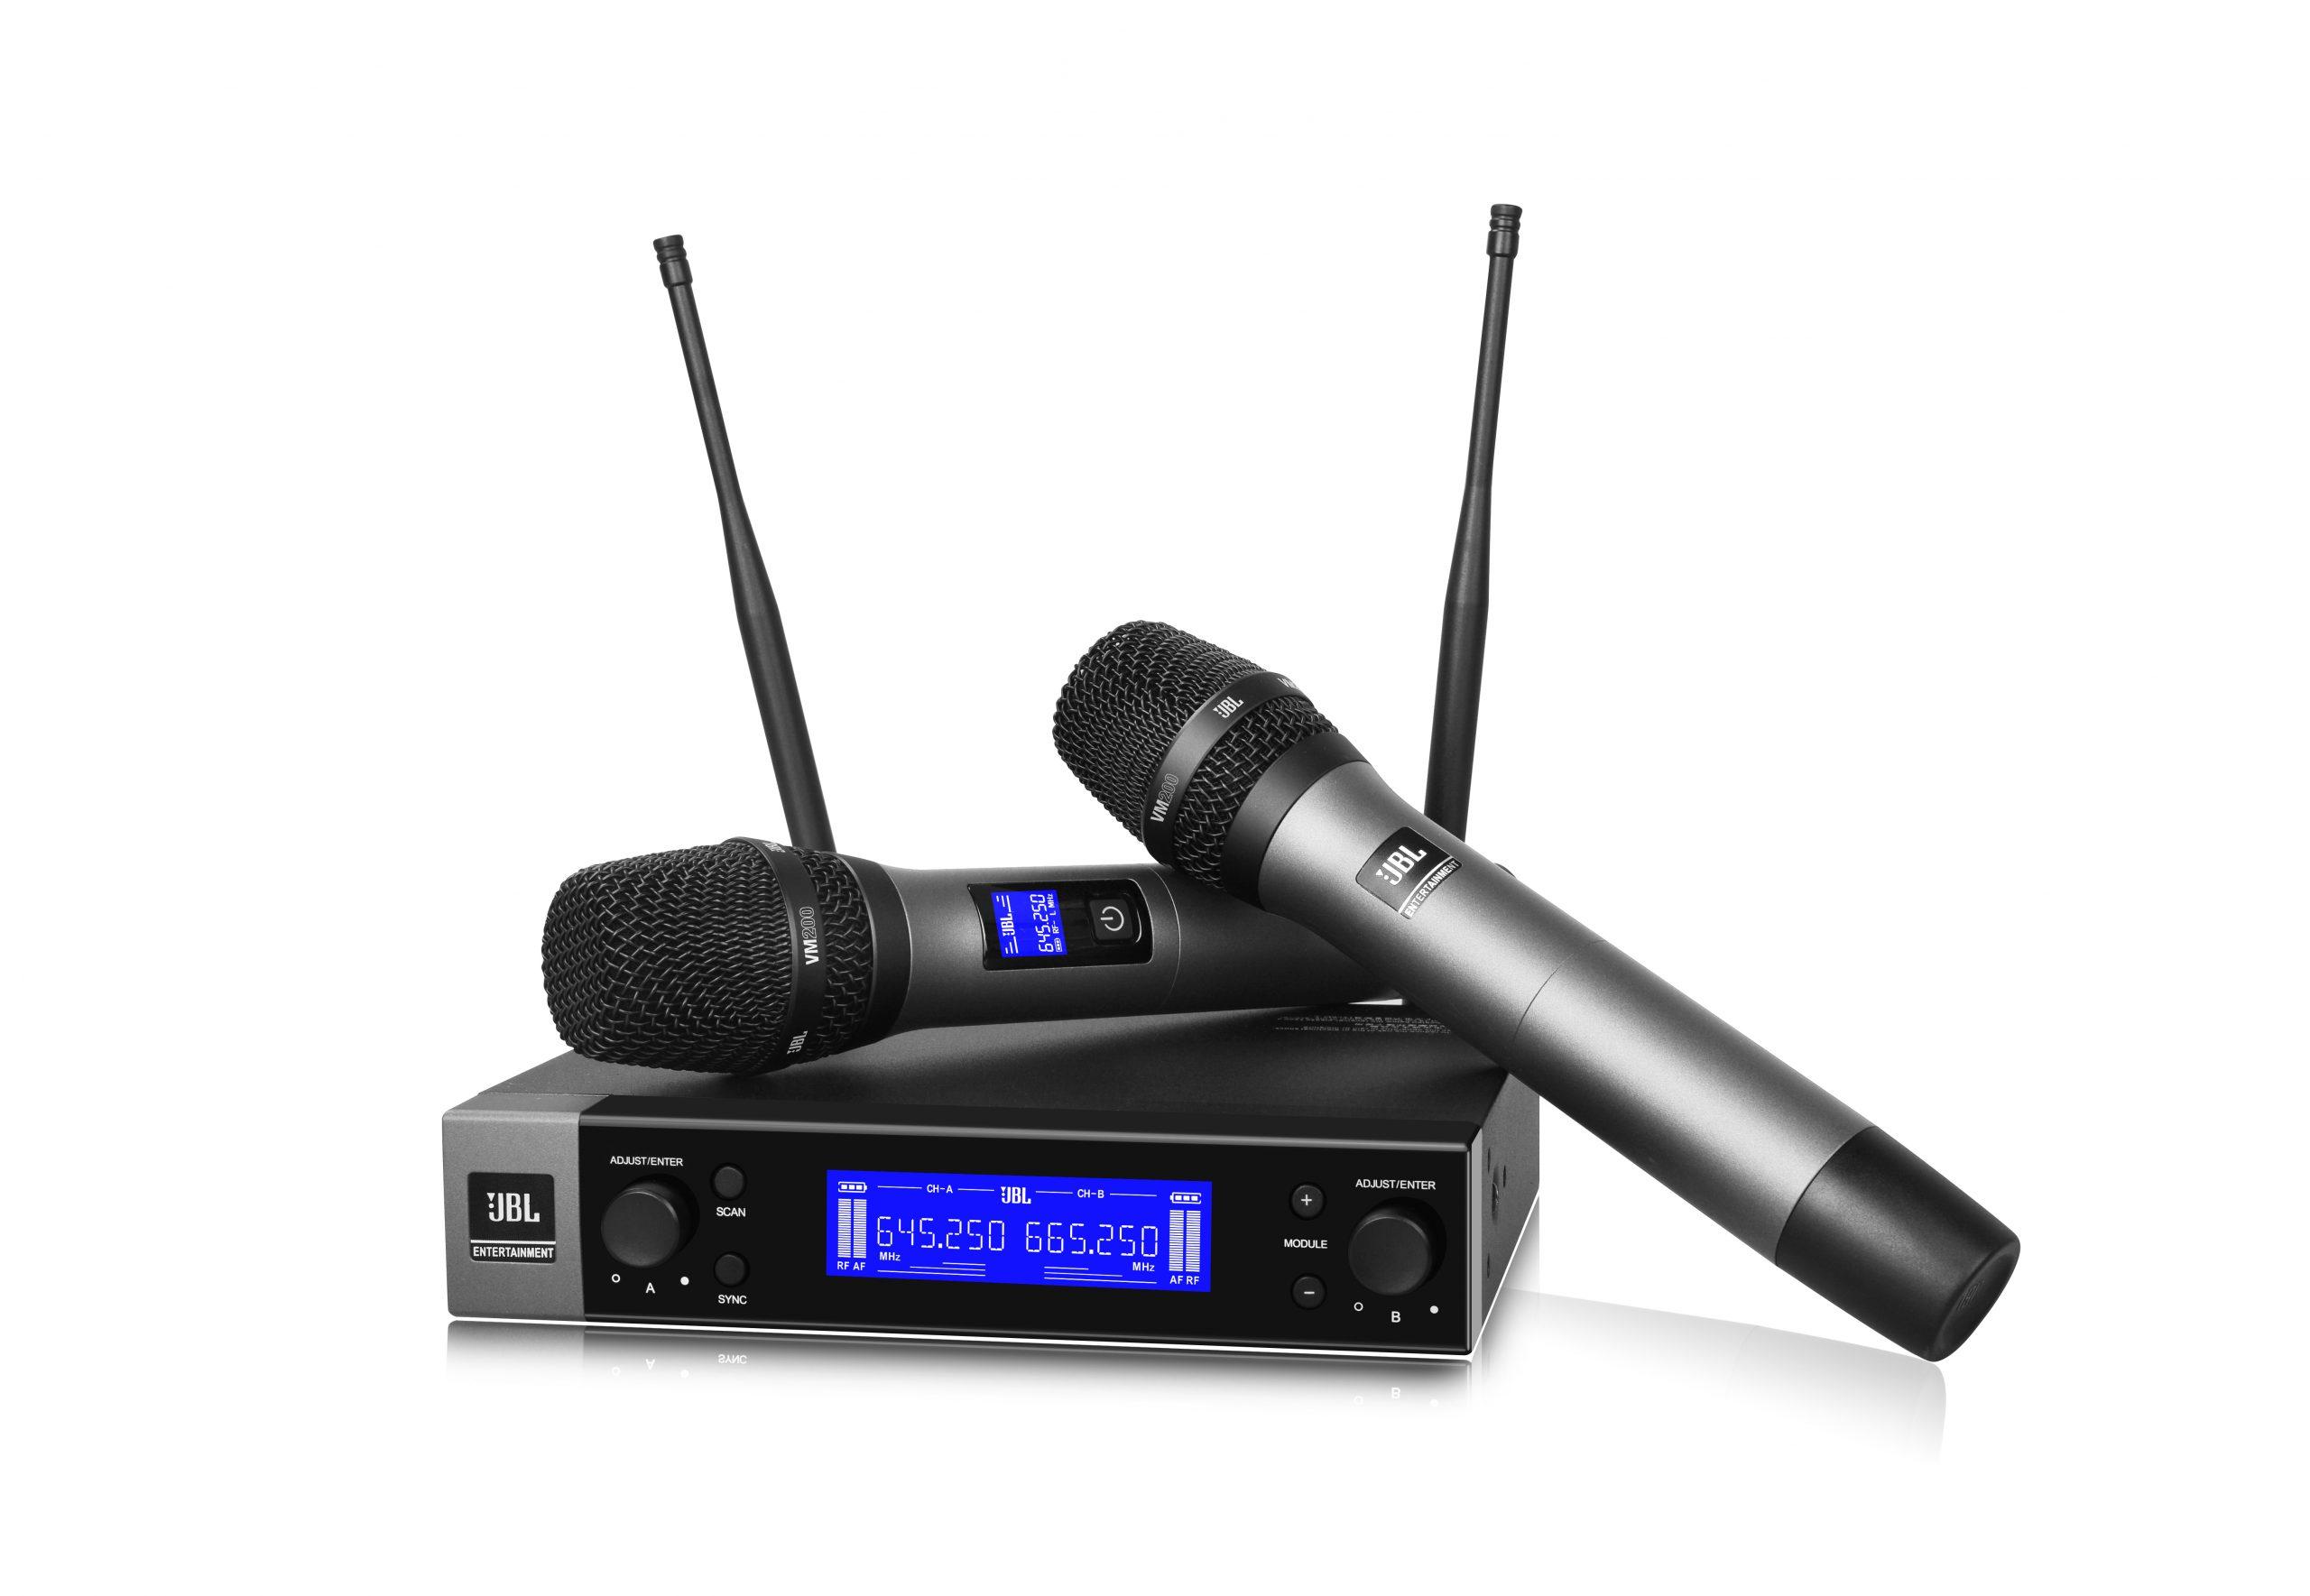 Cách chỉnh mic hát nhẹ, chỉnh micro không dây hát karaoke hiệu quả